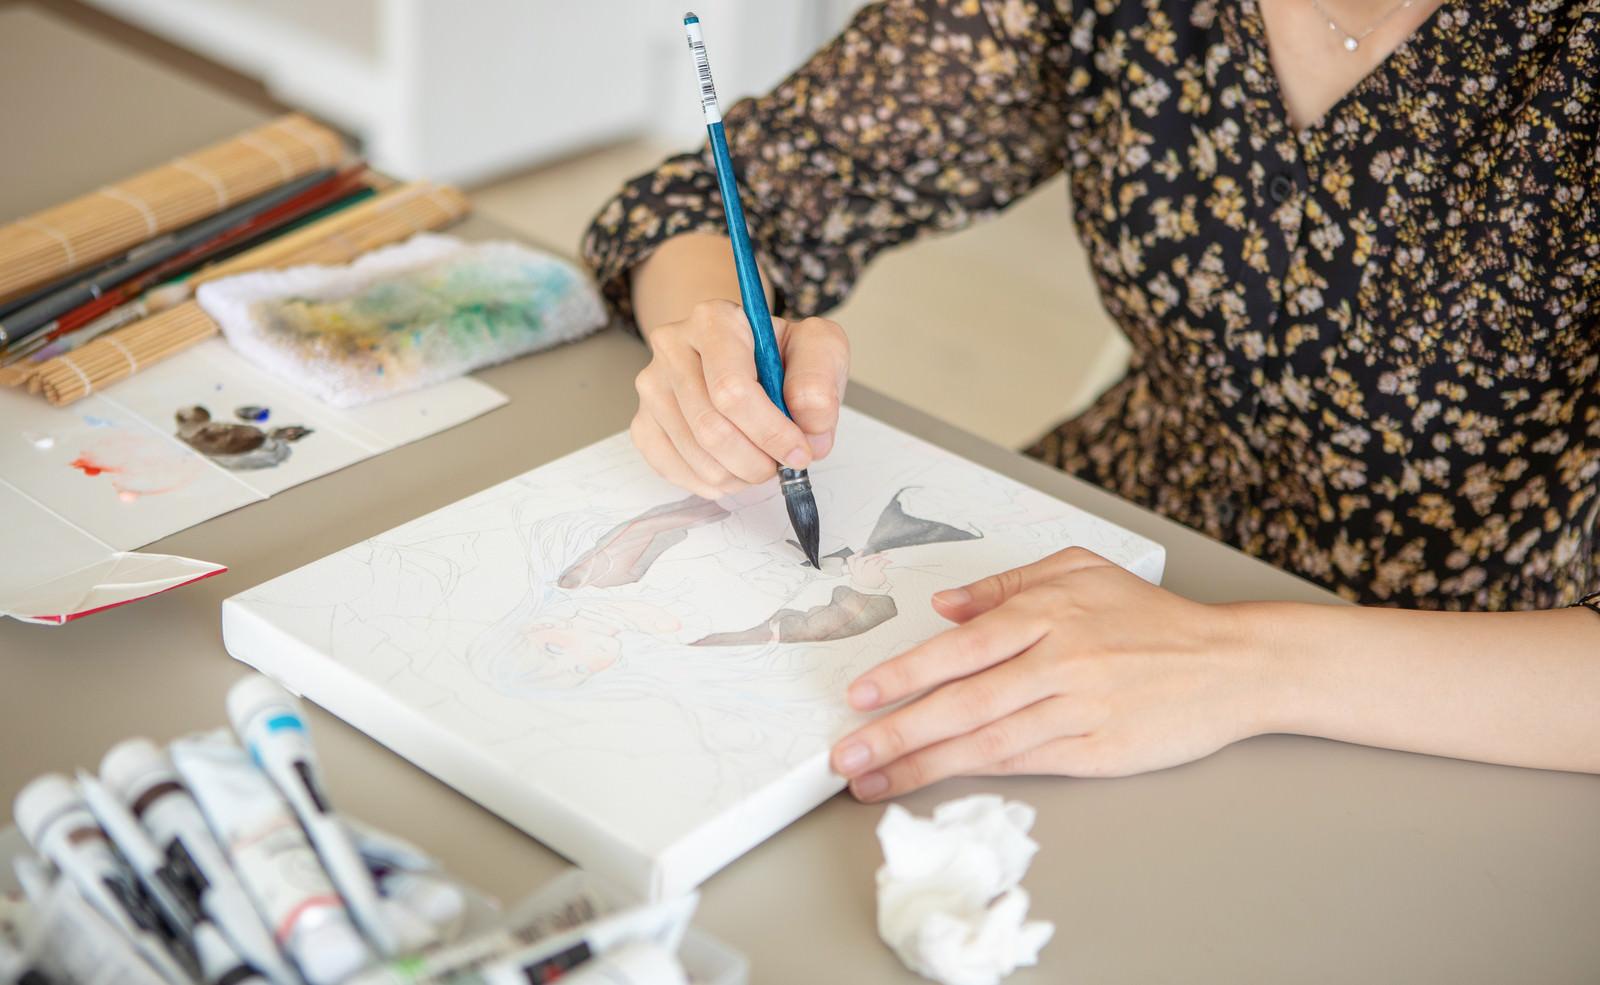 「キャンバスに書かれた絵柄に色付けをする女性」の写真